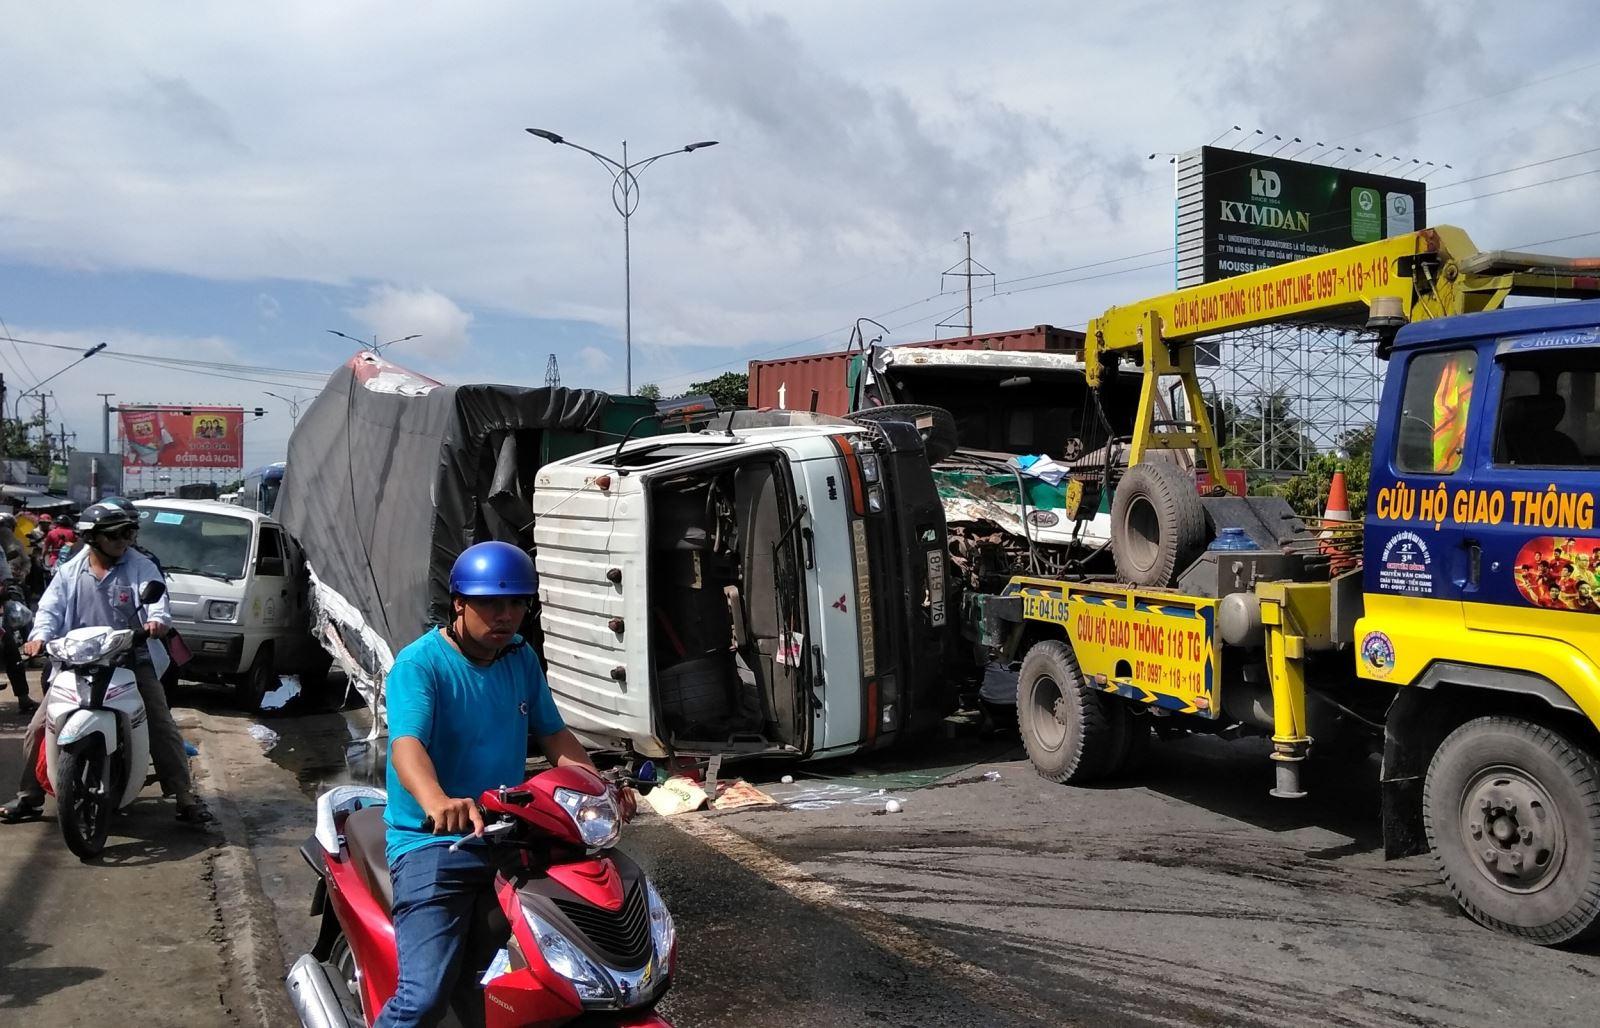 THỜI SỰ 6H SÁNG 1/9/2019: Ngày nghỉ lễ đầu tiên, toàn quốc xảy ra 29 vụ tai nạn giao thông.